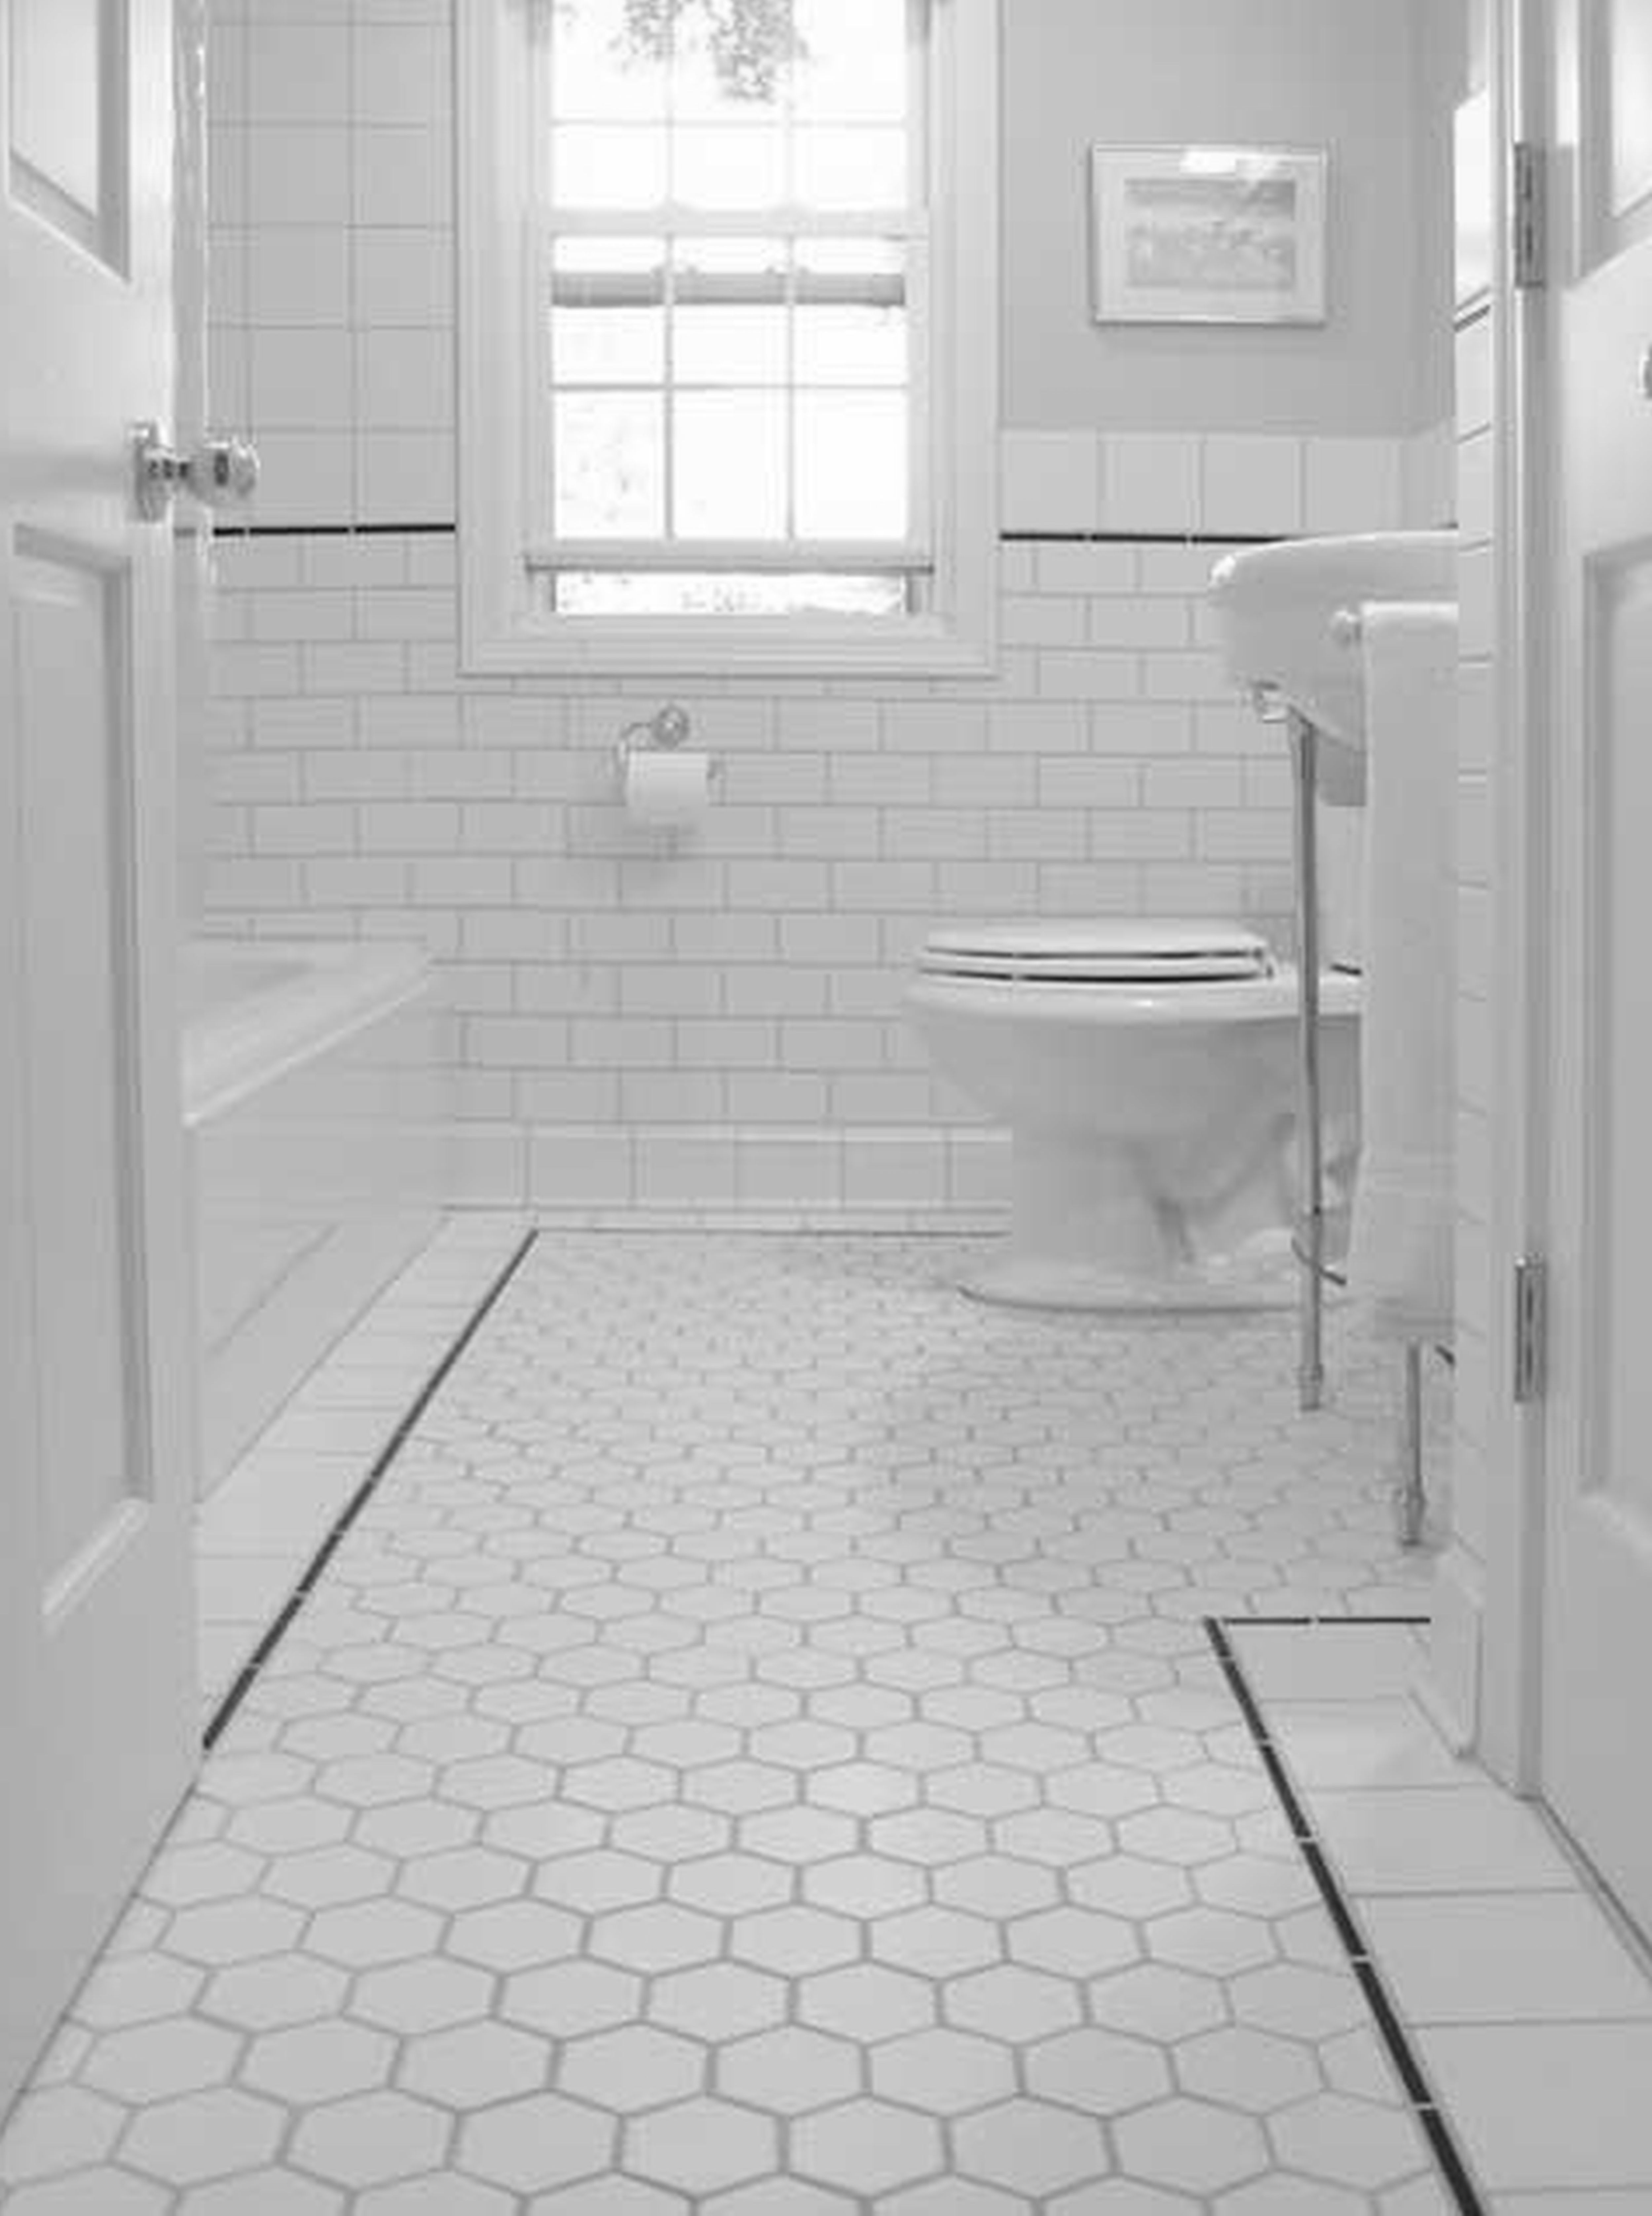 Bathroom floor tiles attractive small bathroom renovations combination foxy decorate REJAXLF